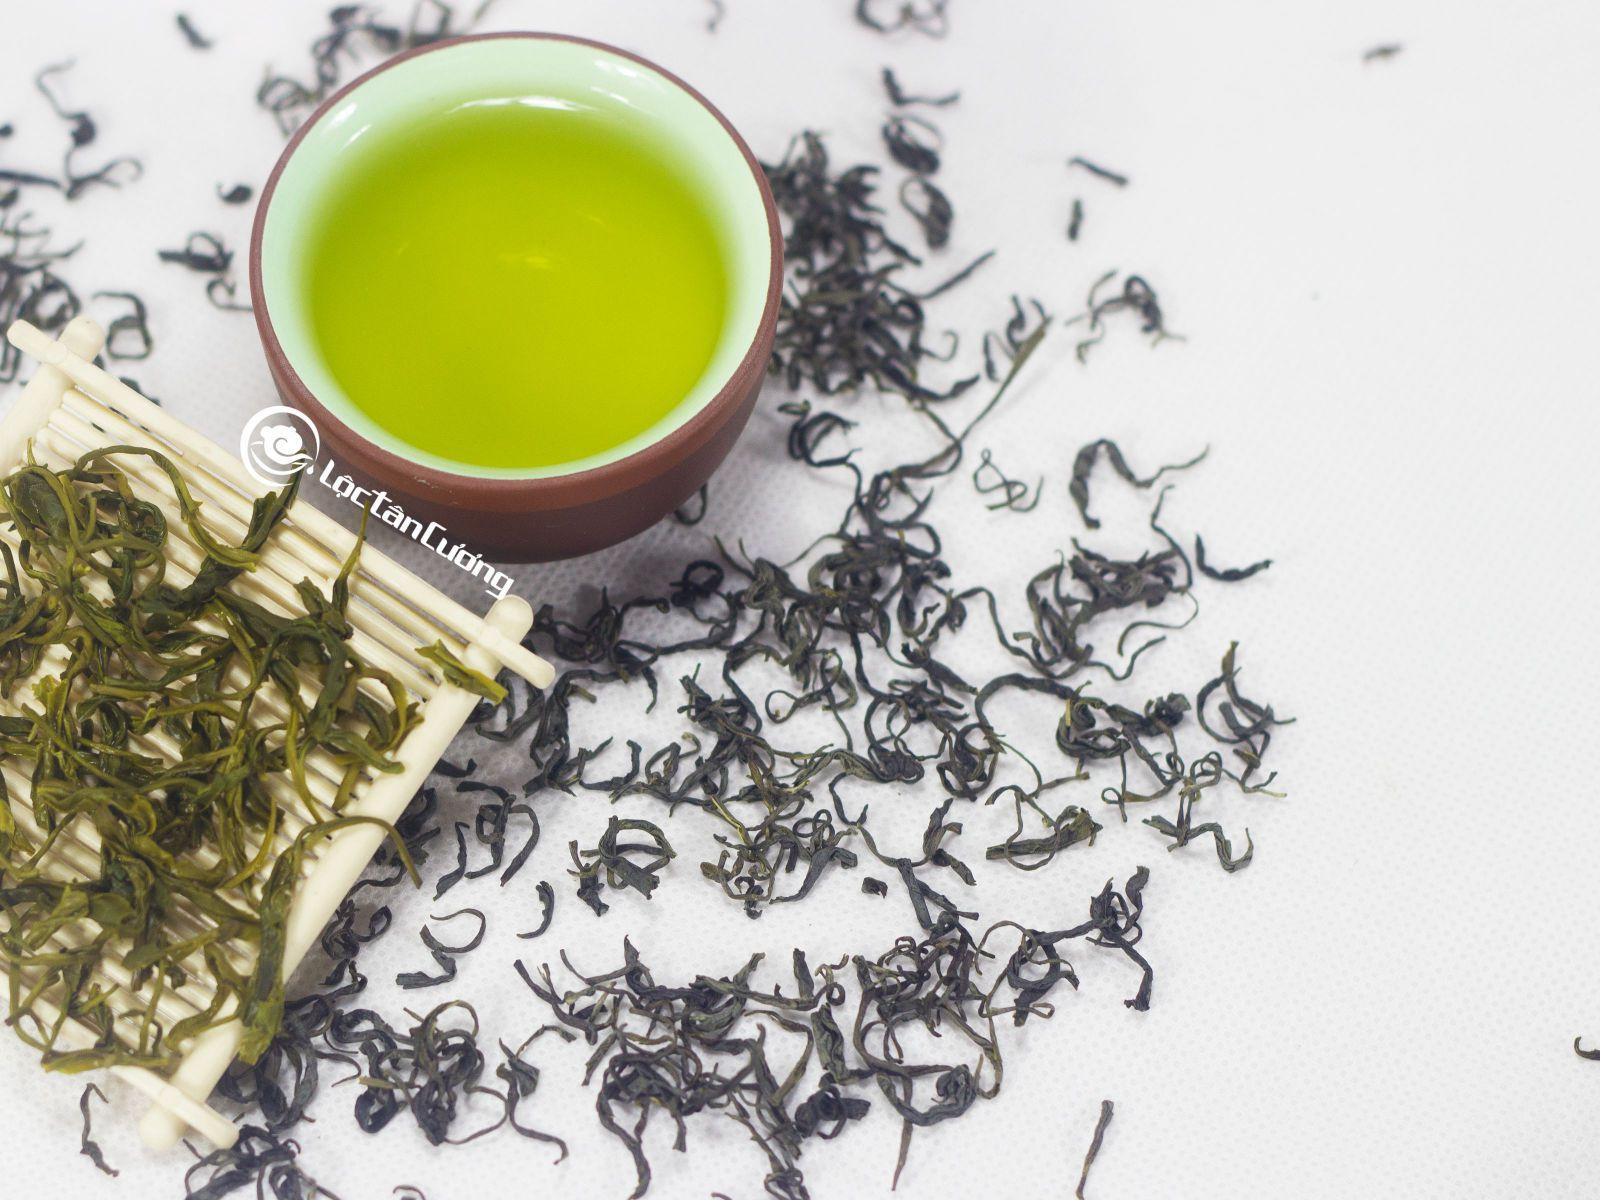 Cánh và sắc nước trà nõn tôm thái nguyên